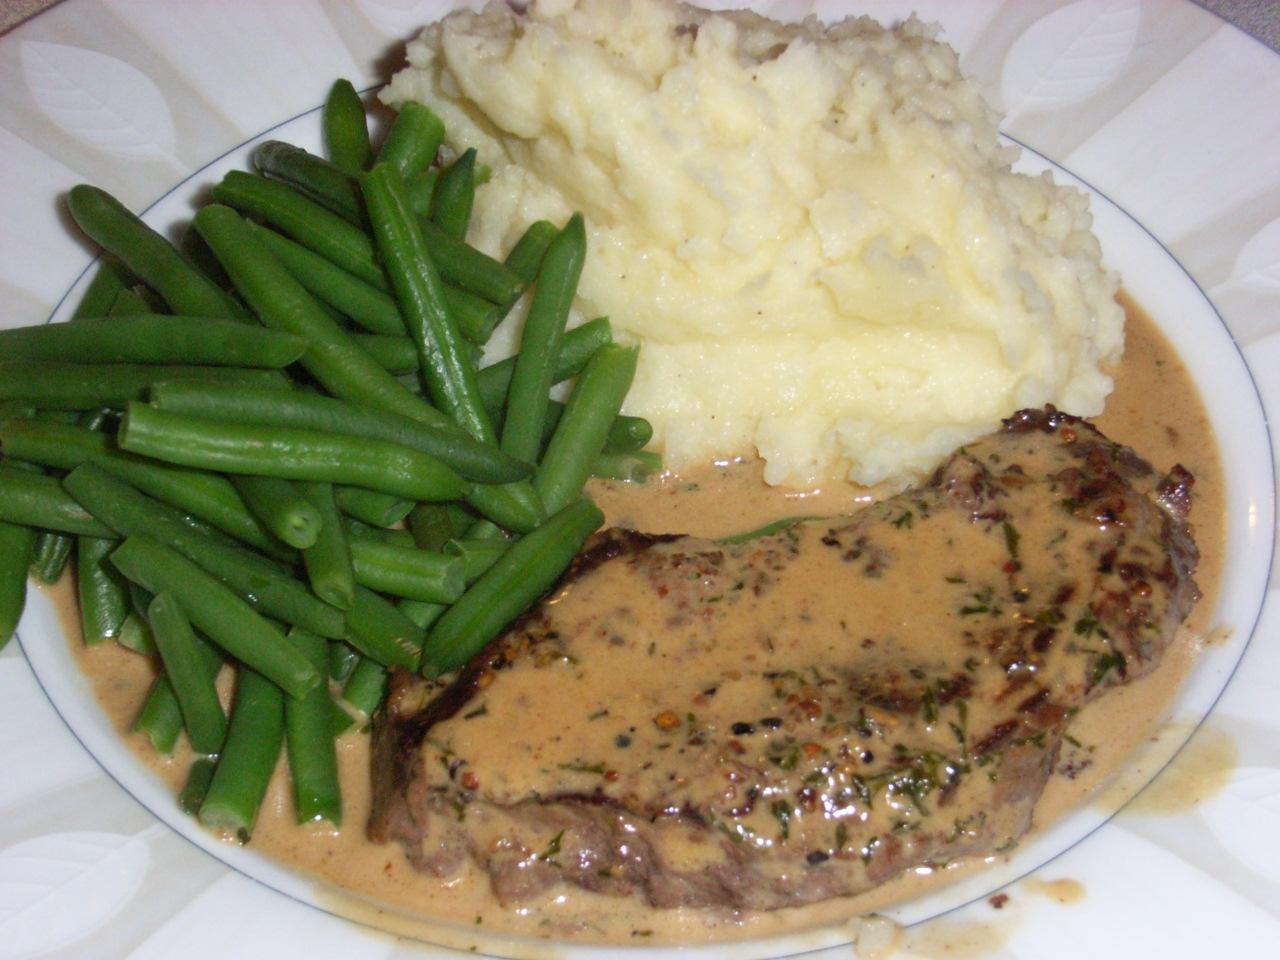 Steak au poivre | The Recipe Binder